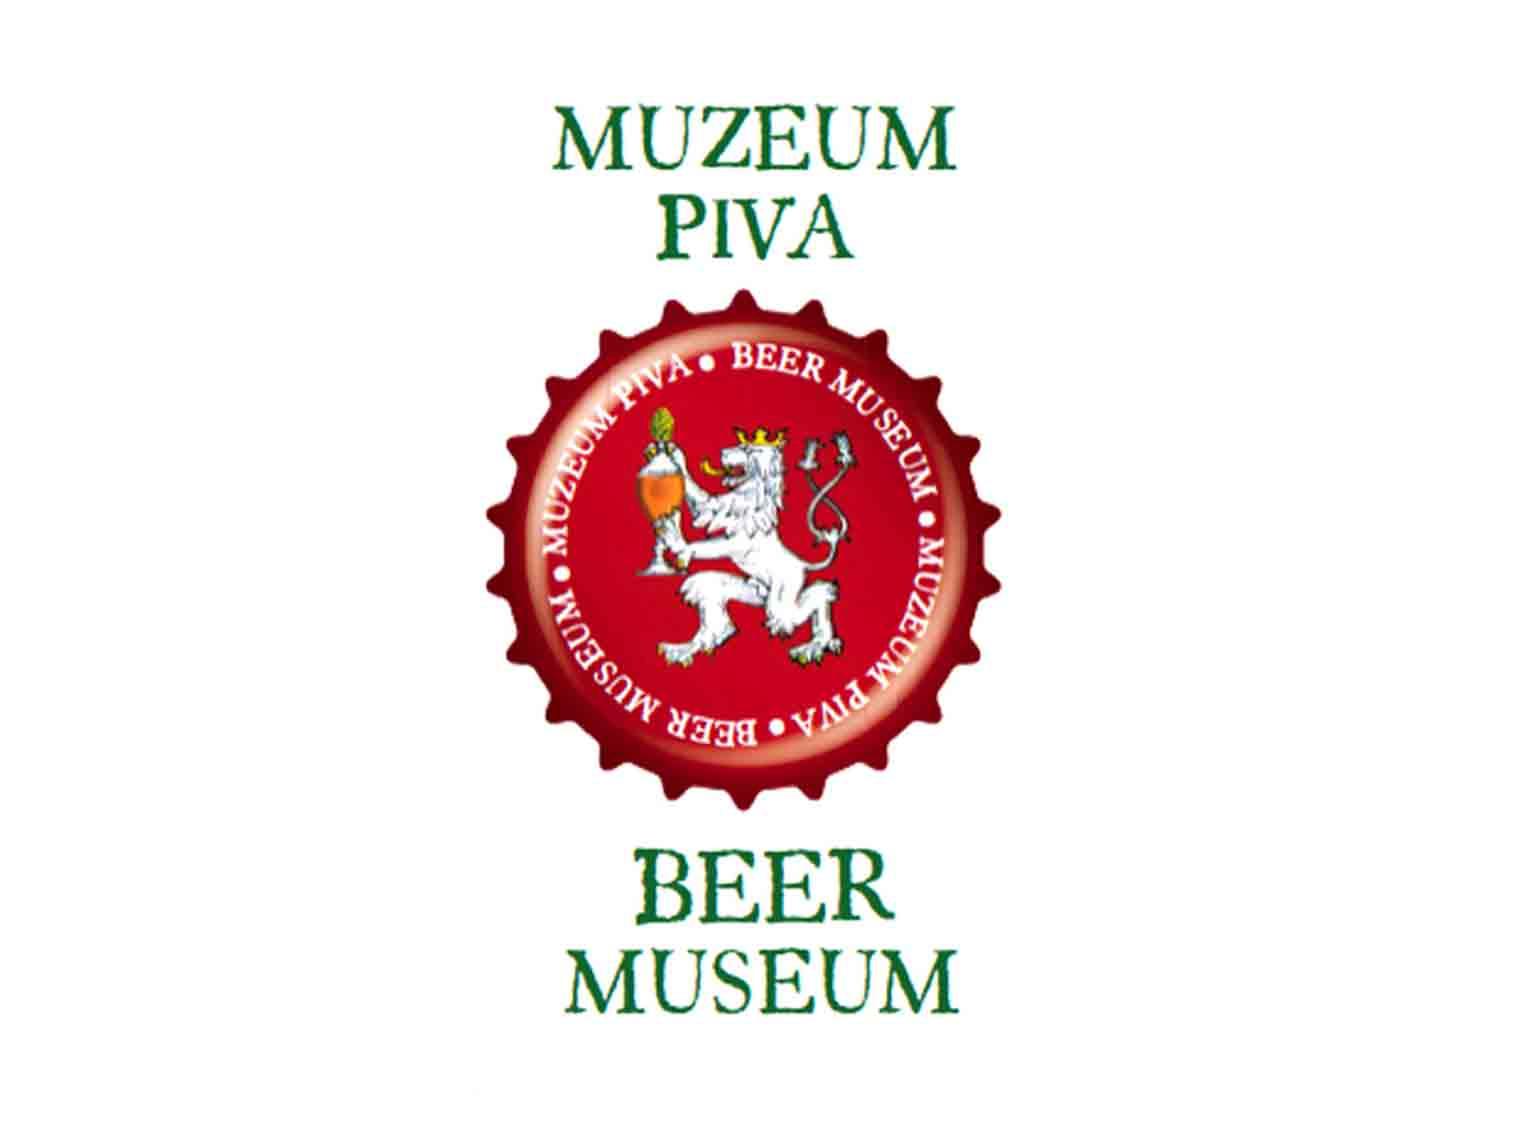 Beermuzeum